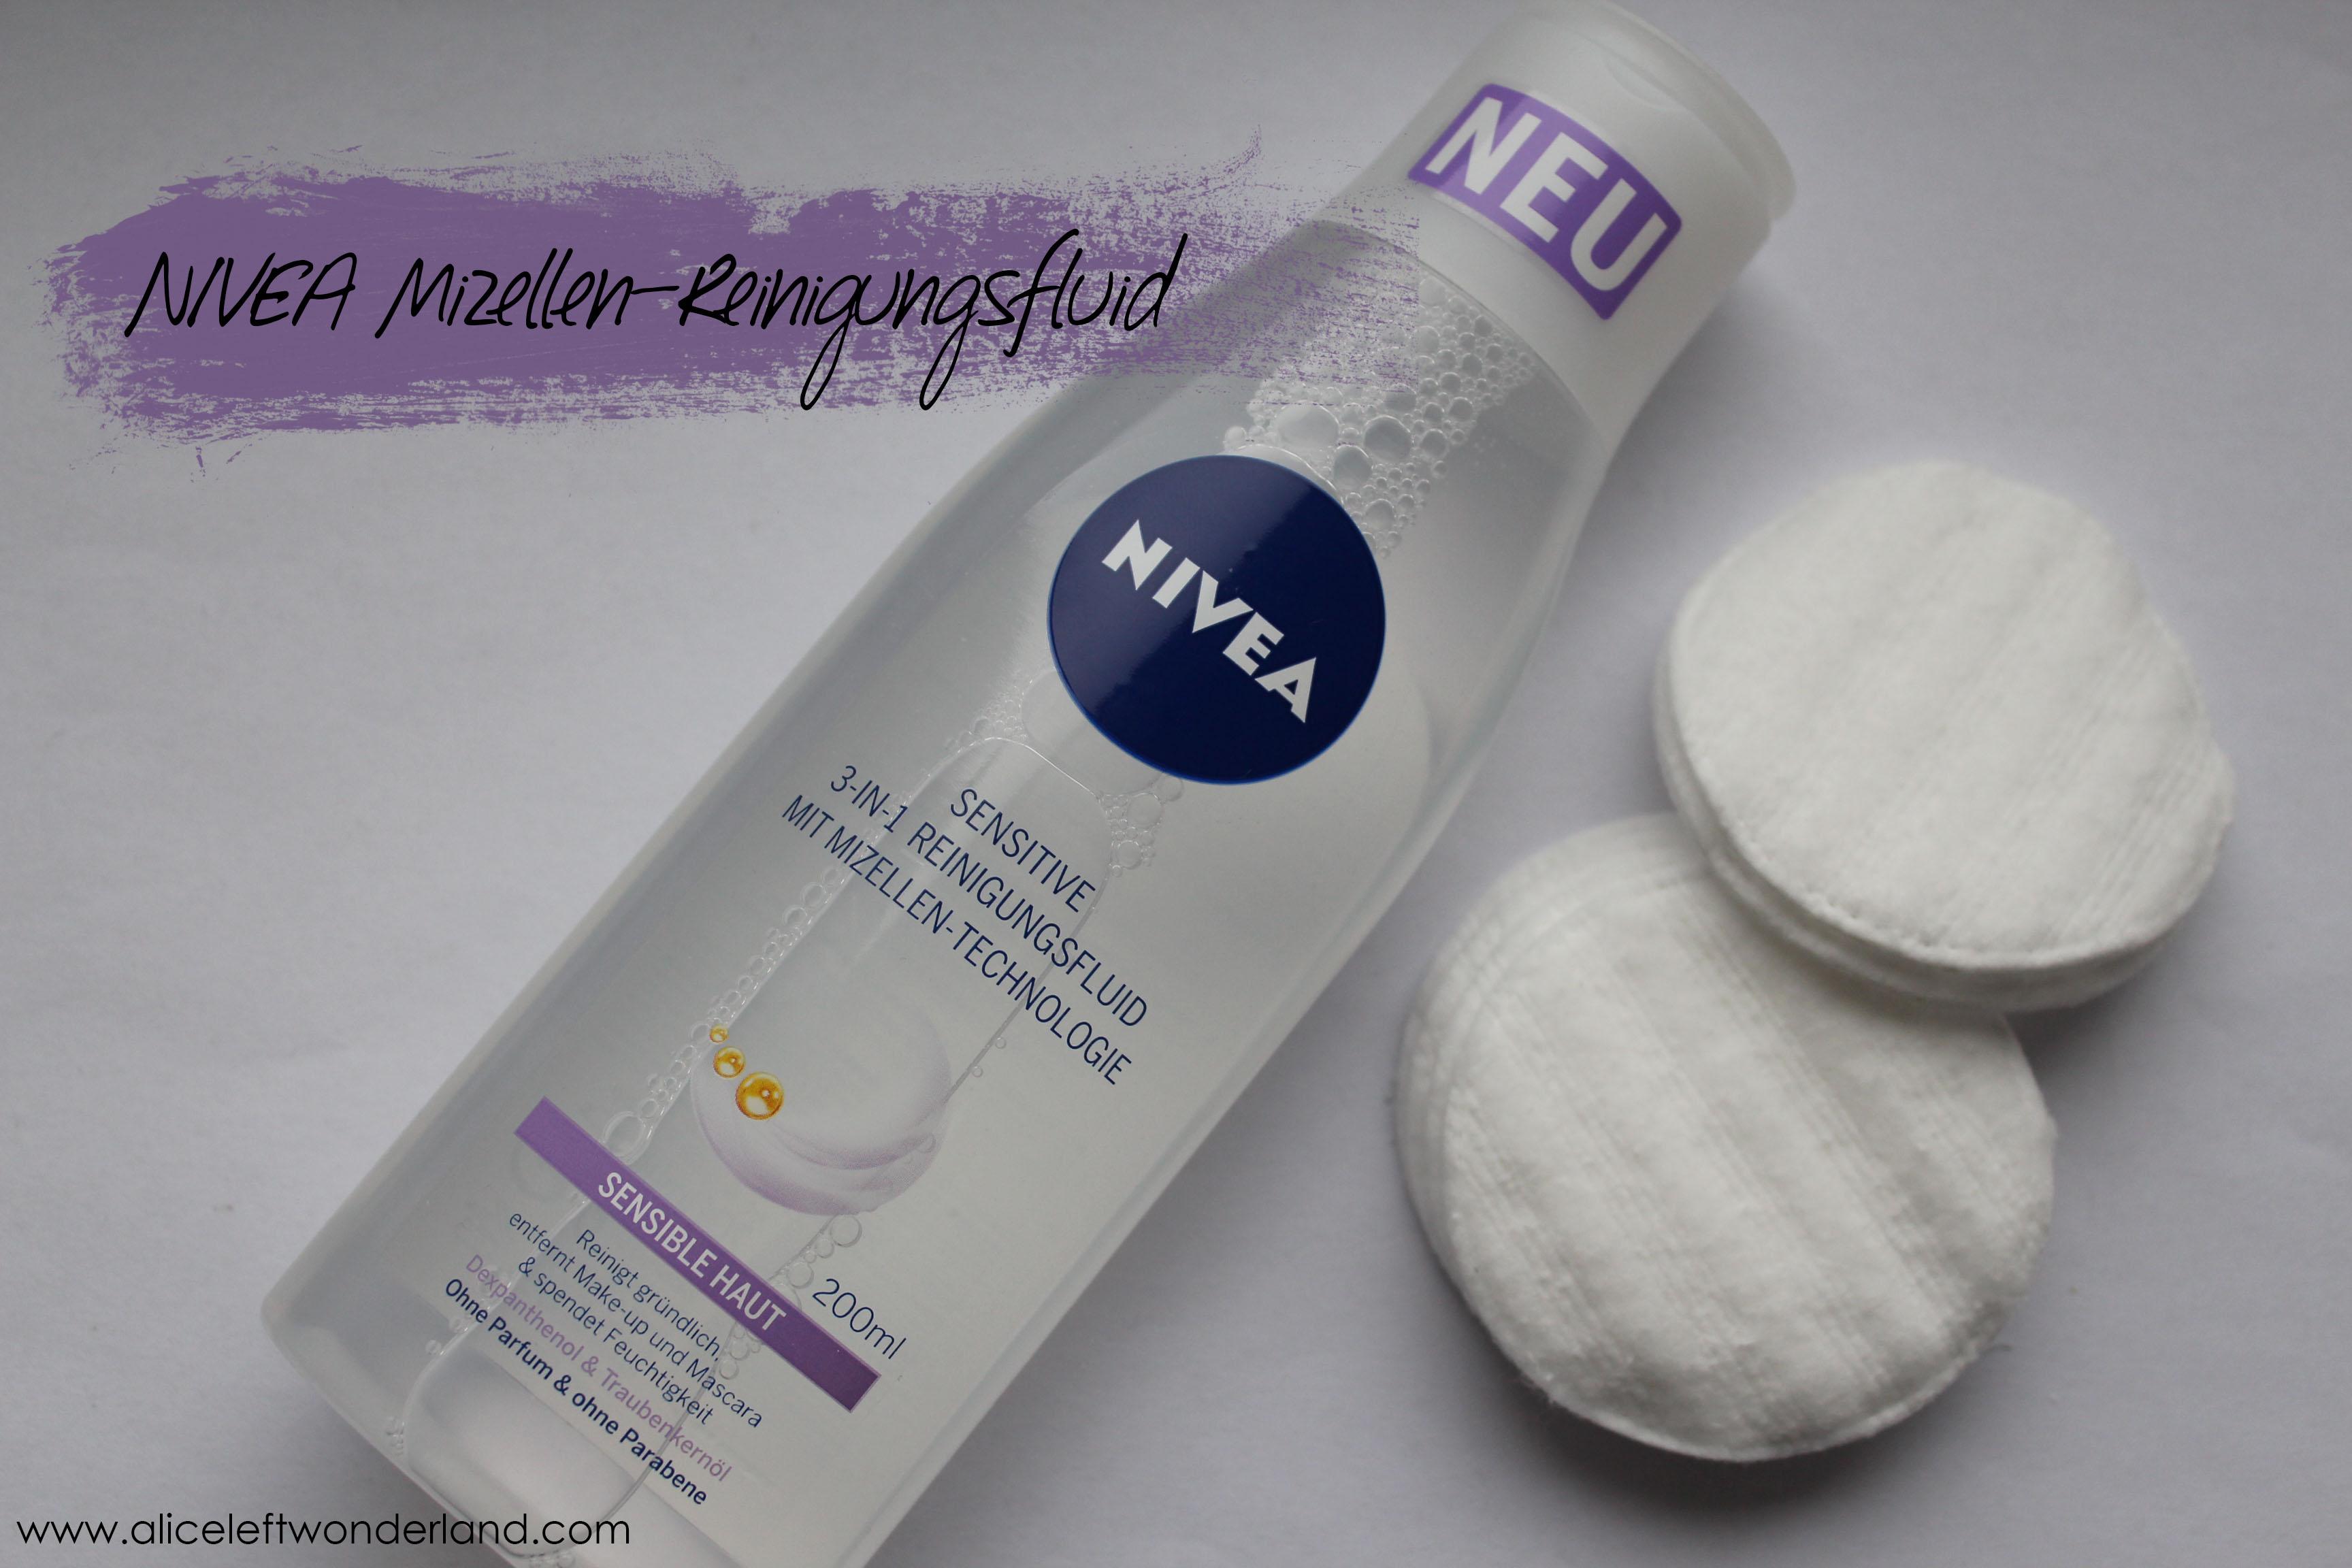 NIVEA Mizellen